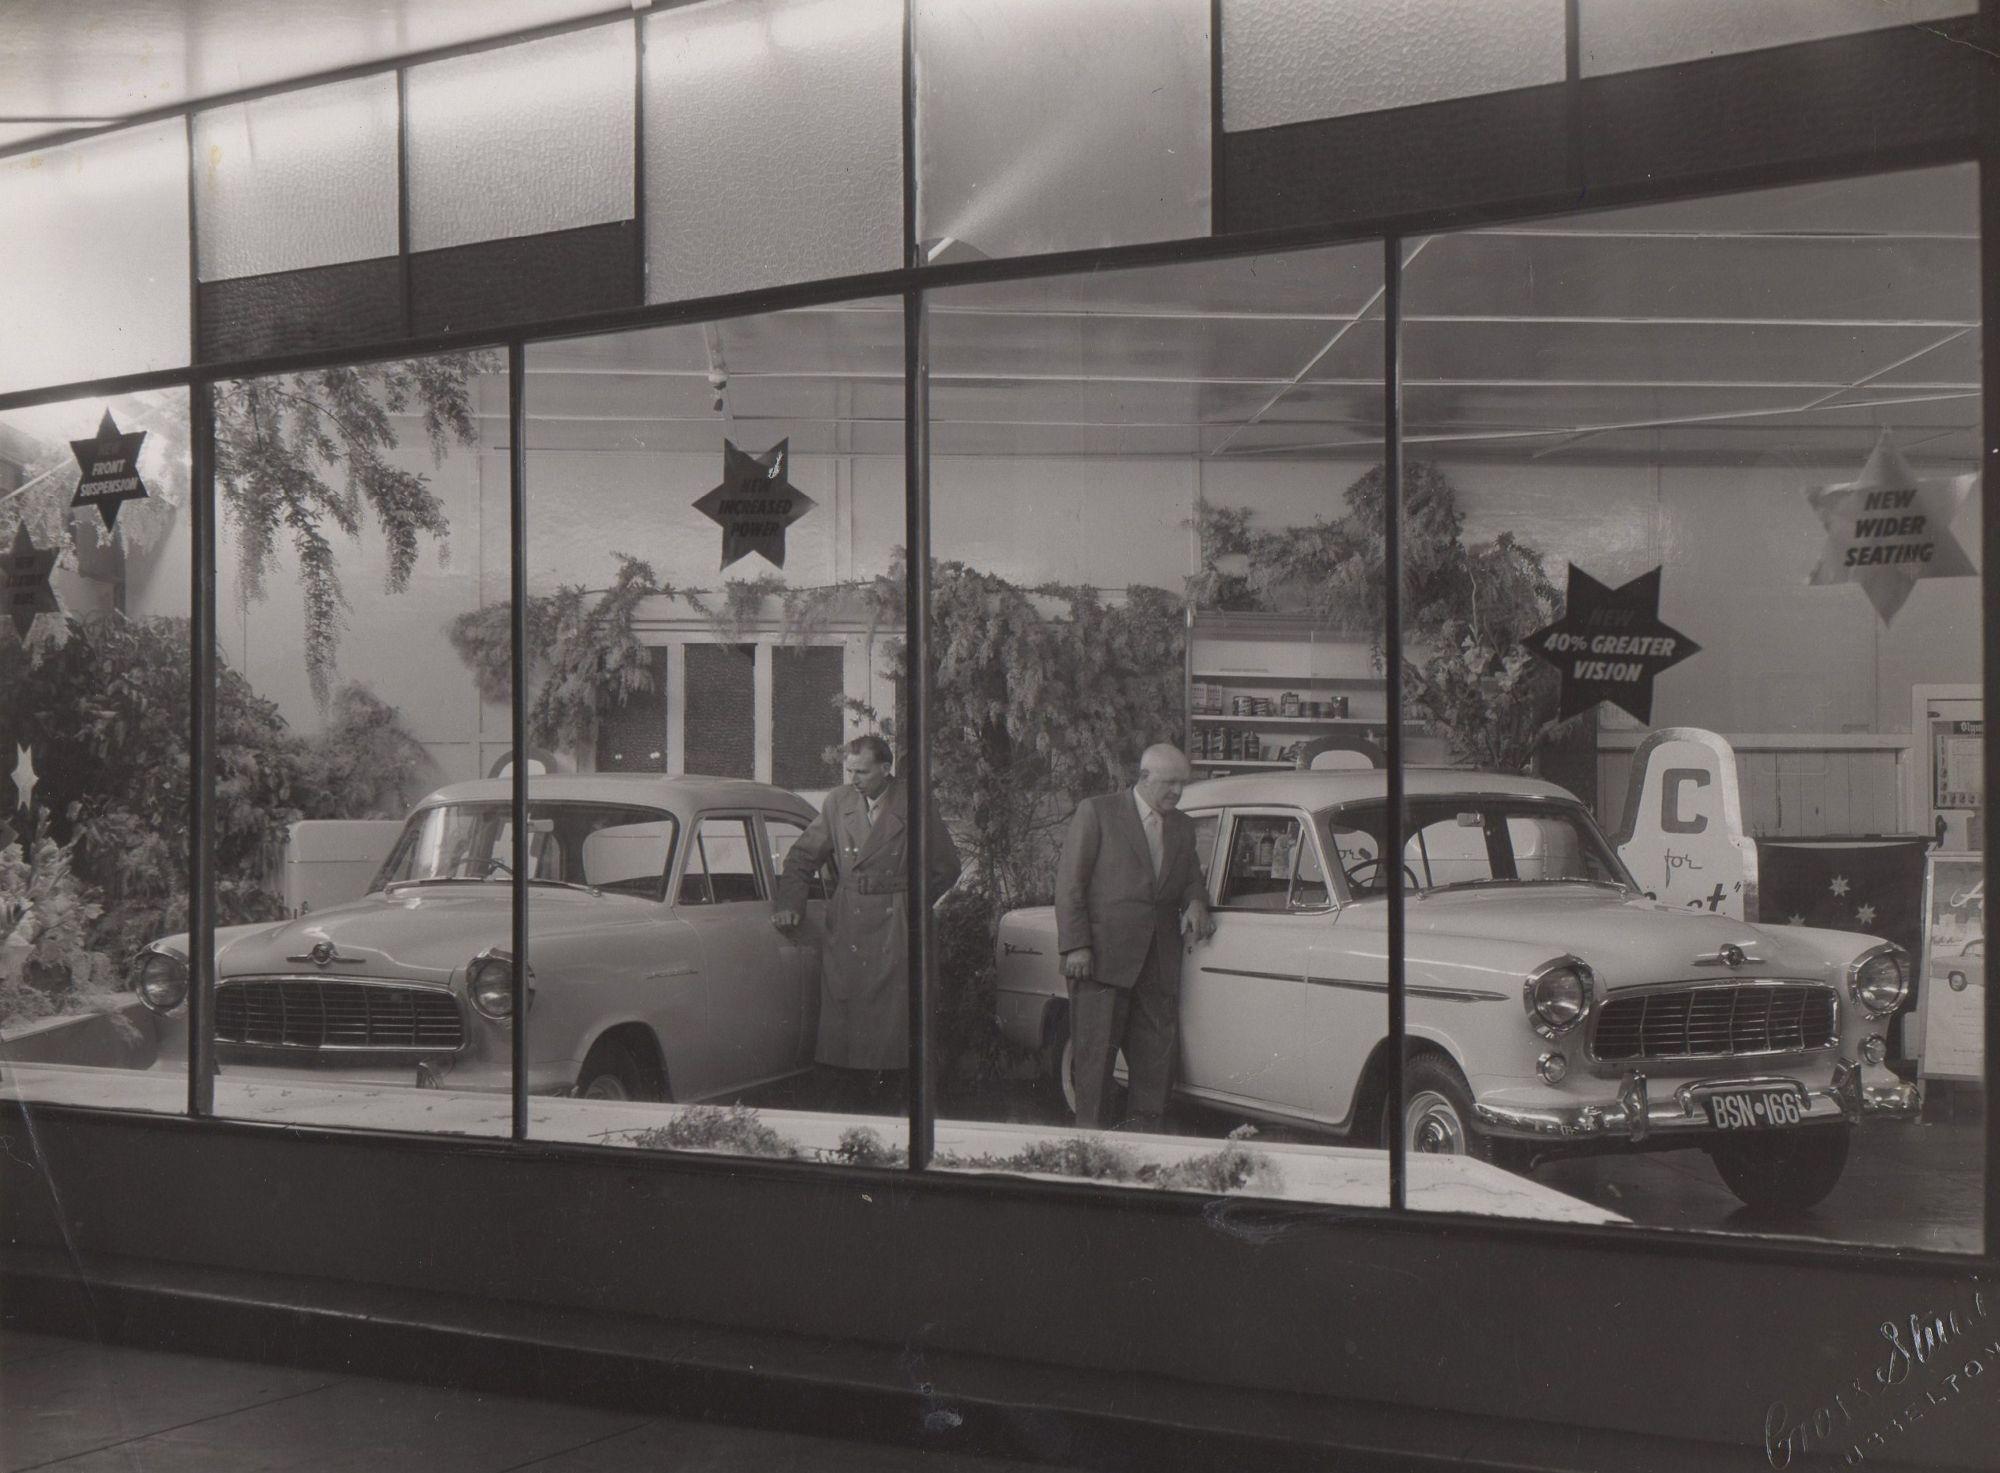 Bignell's Garage, 1956